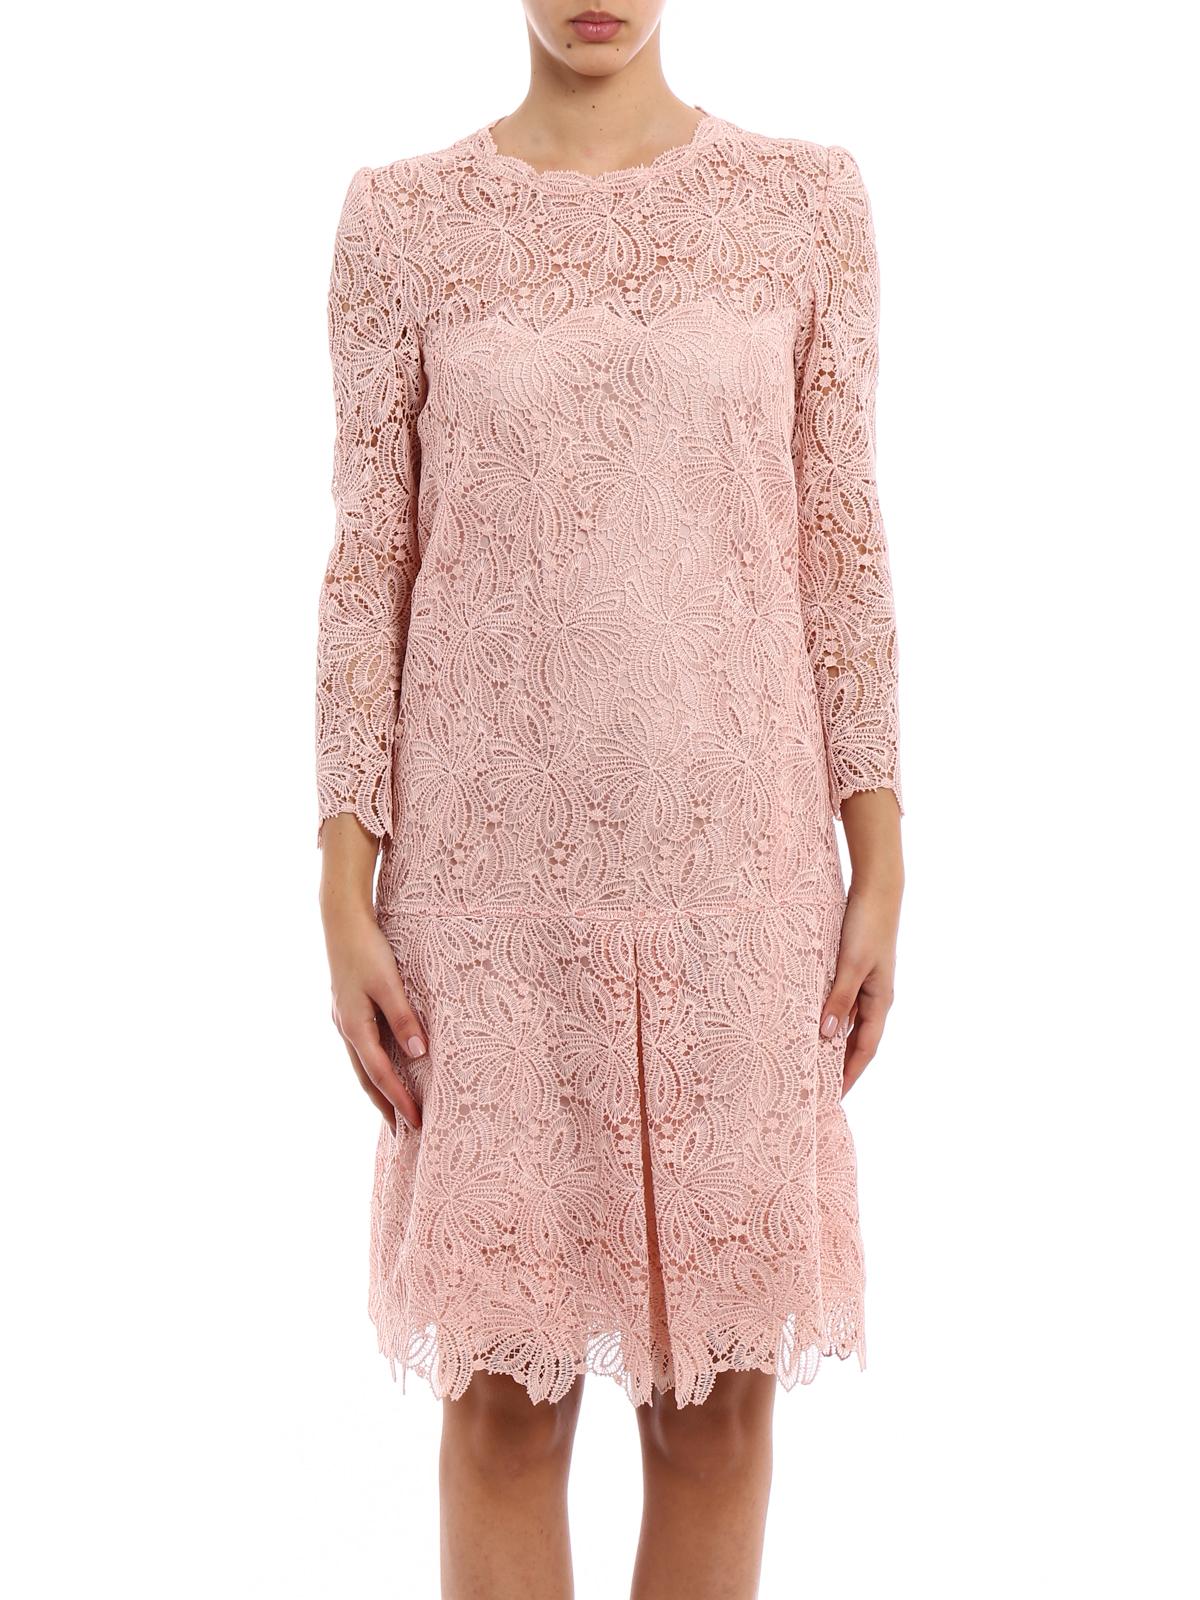 quality design ef687 a3190 Ermanno Scervino - Abito in pizzo rosa antico - abiti da ...